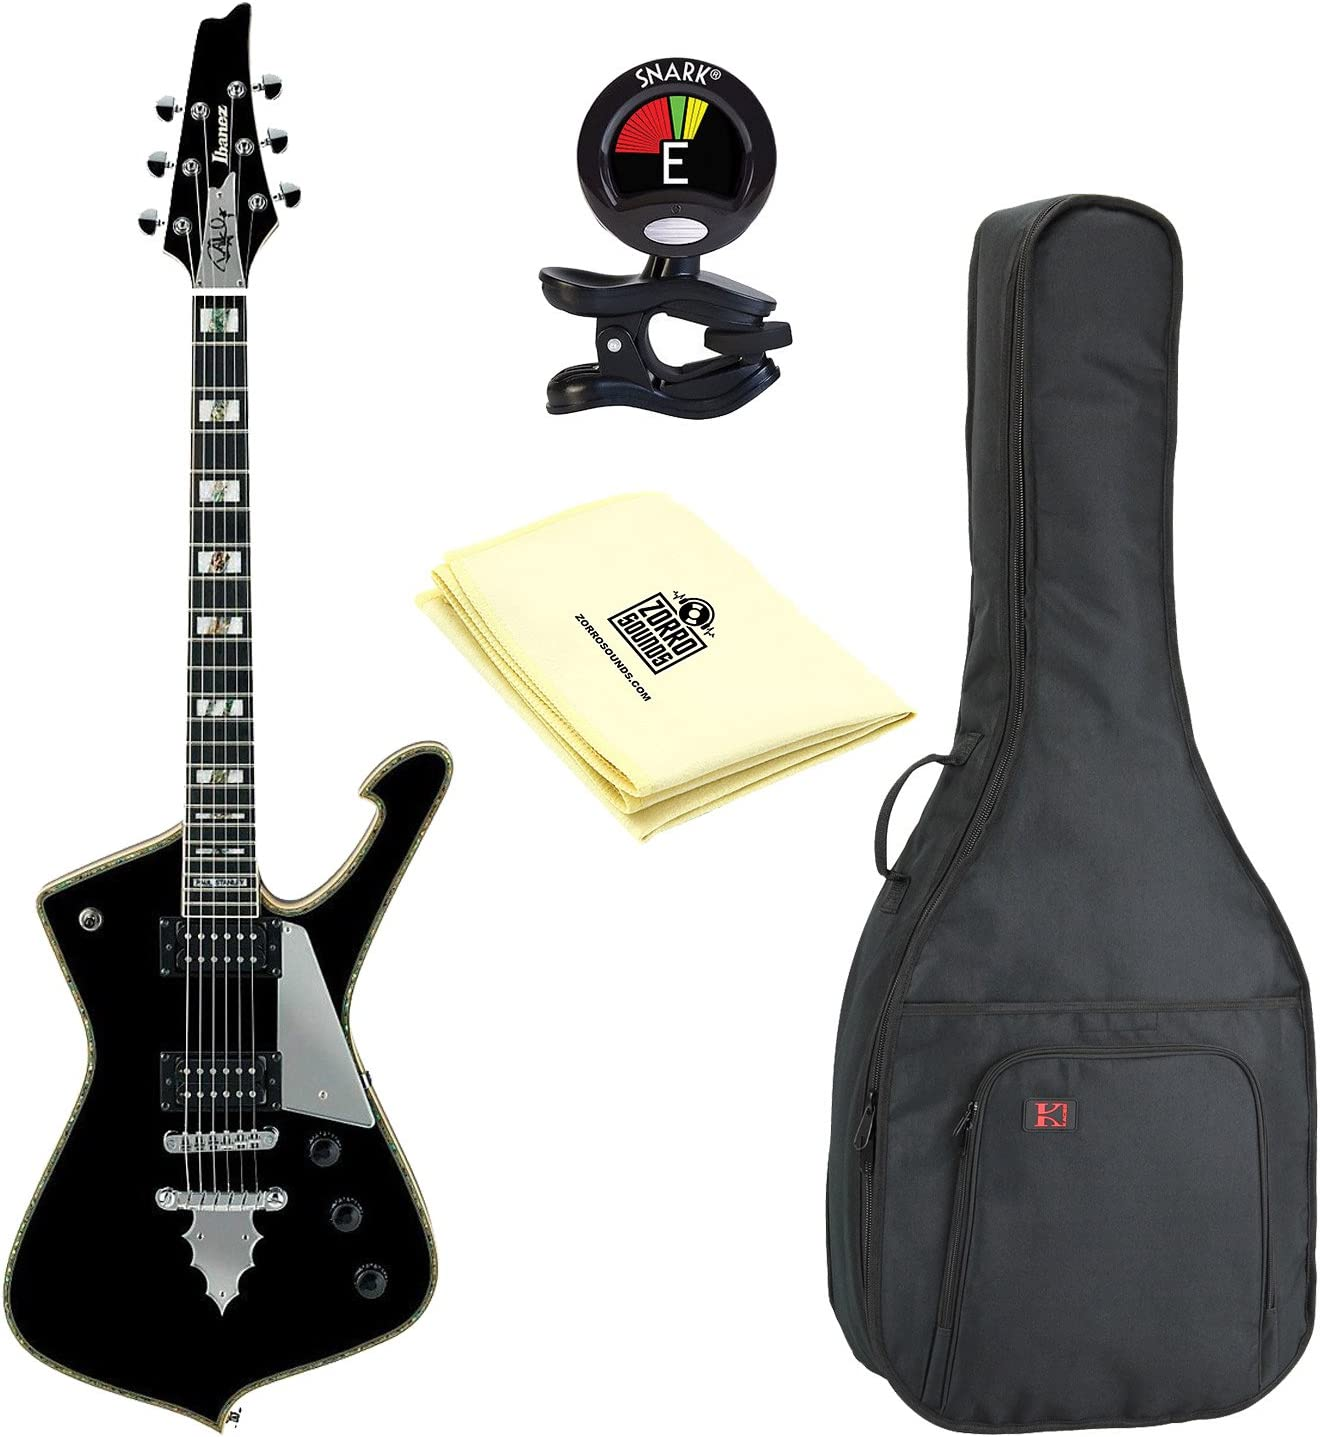 Ibanez PS serie PS120 Paul Stanley firma 6 cuerdas Guitarra ...